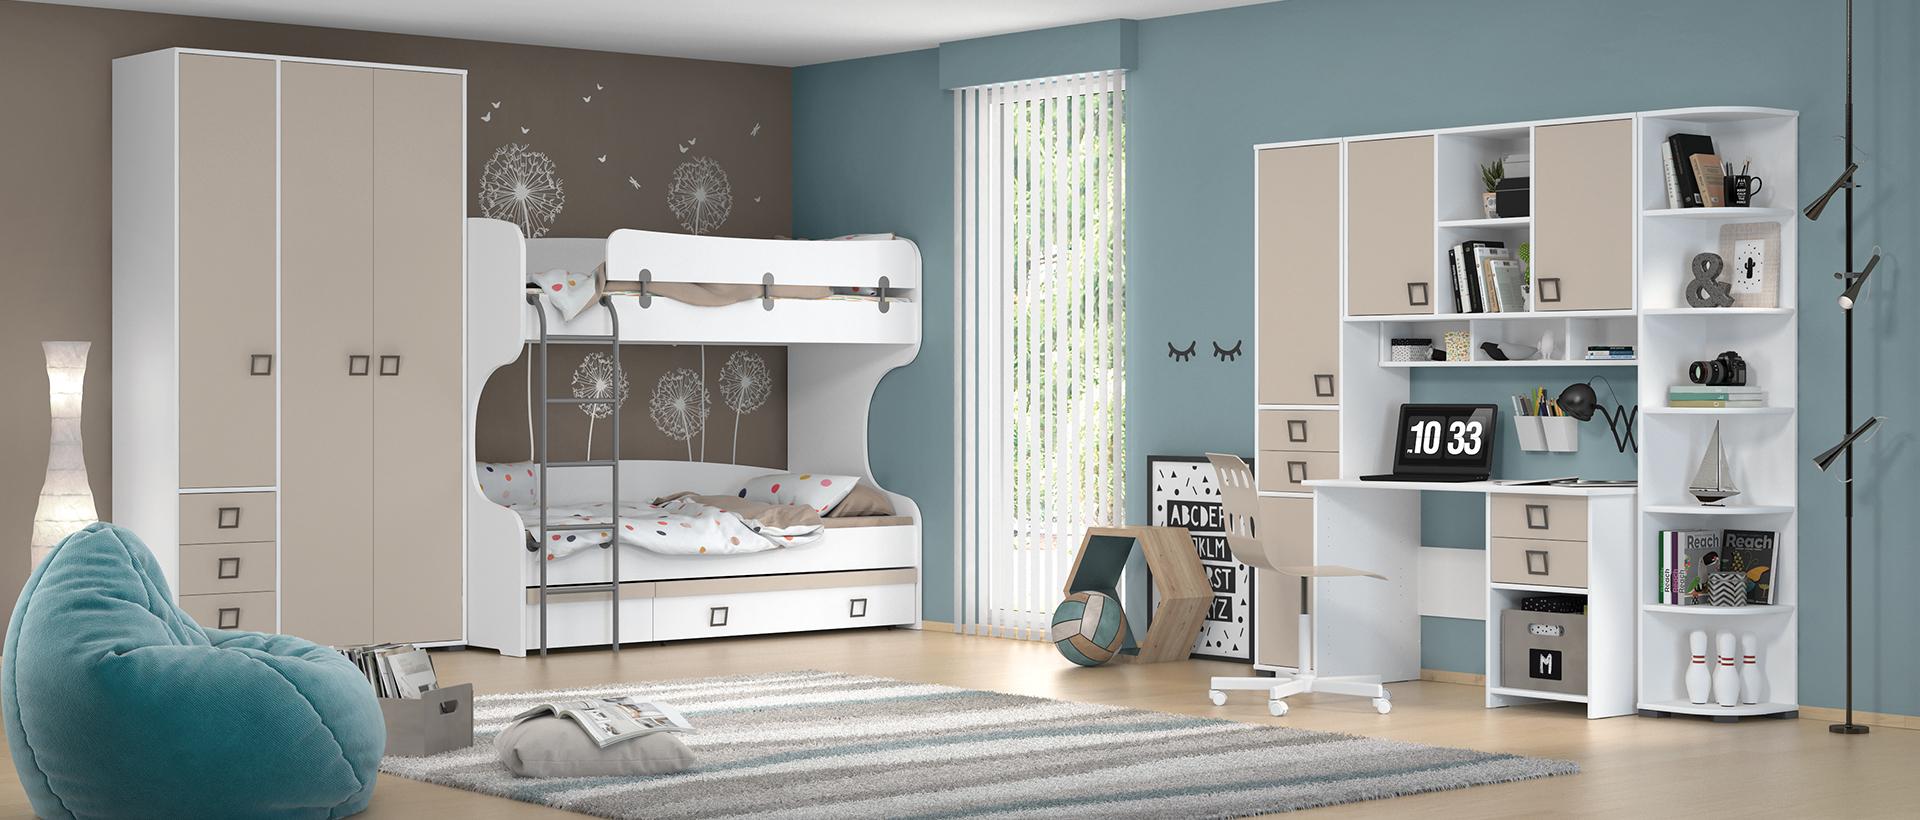 Kako urediti dječju sobu?